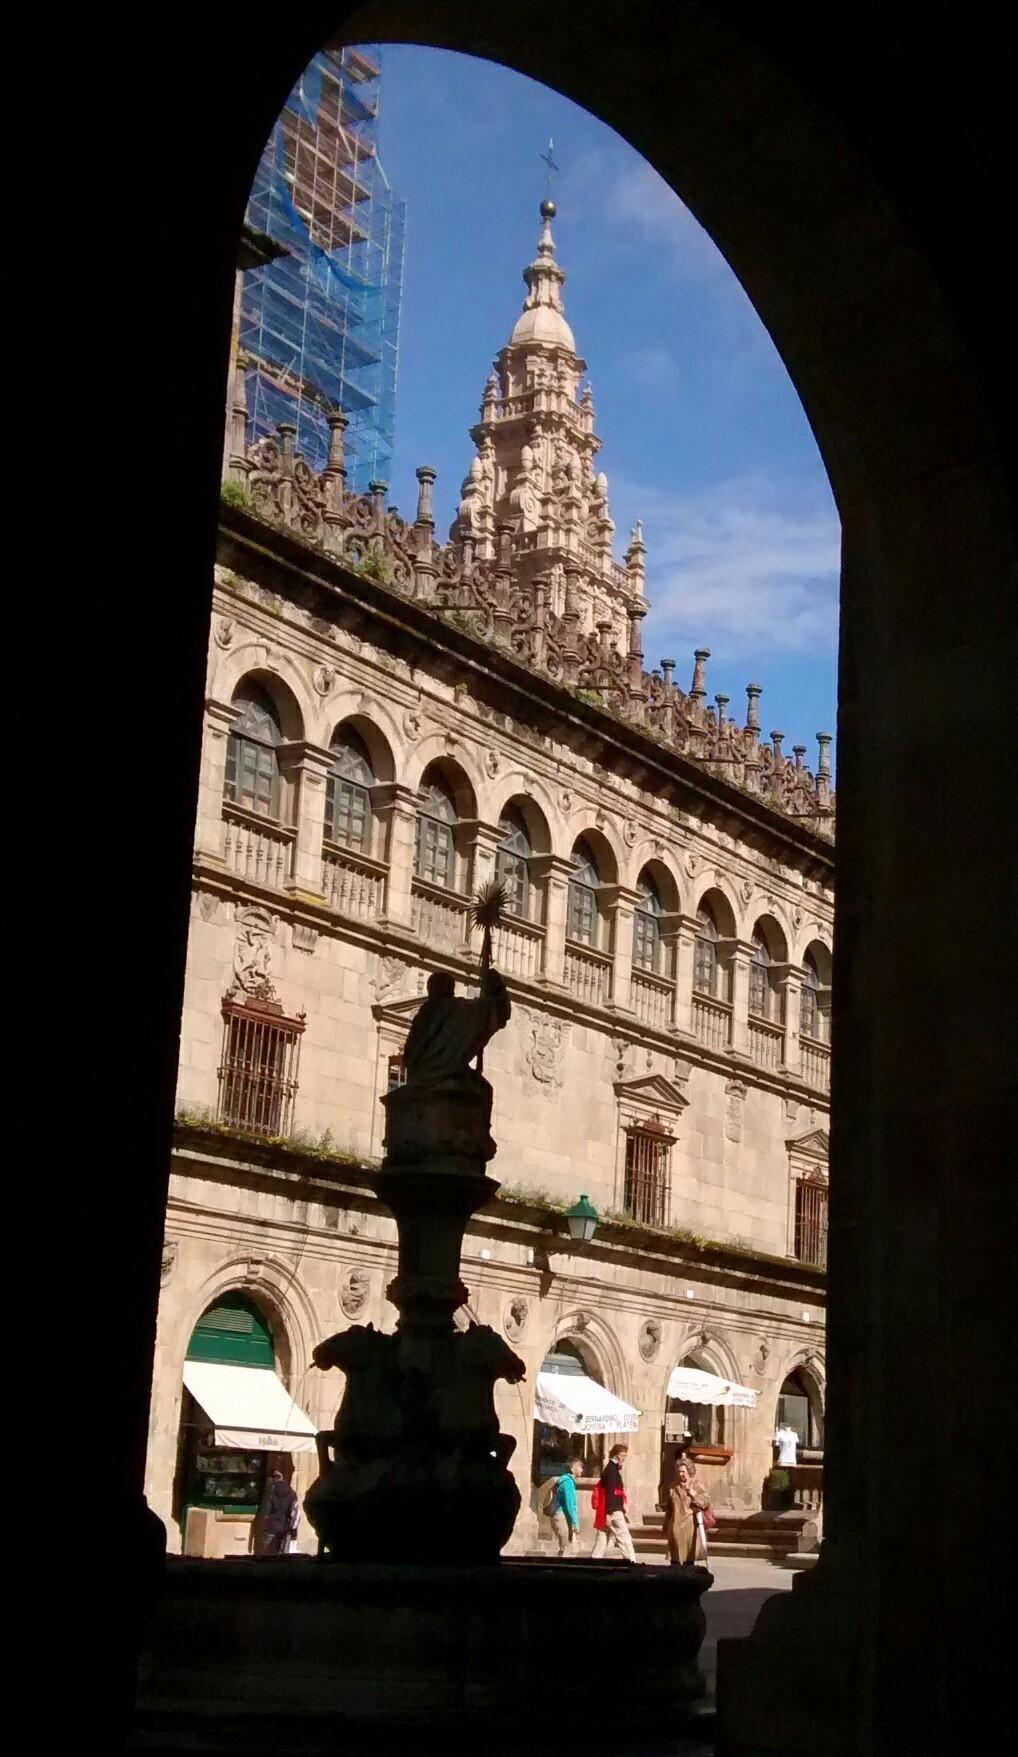 En Platerías, fuente de los Caballos y fachada del claustro de la Catedral